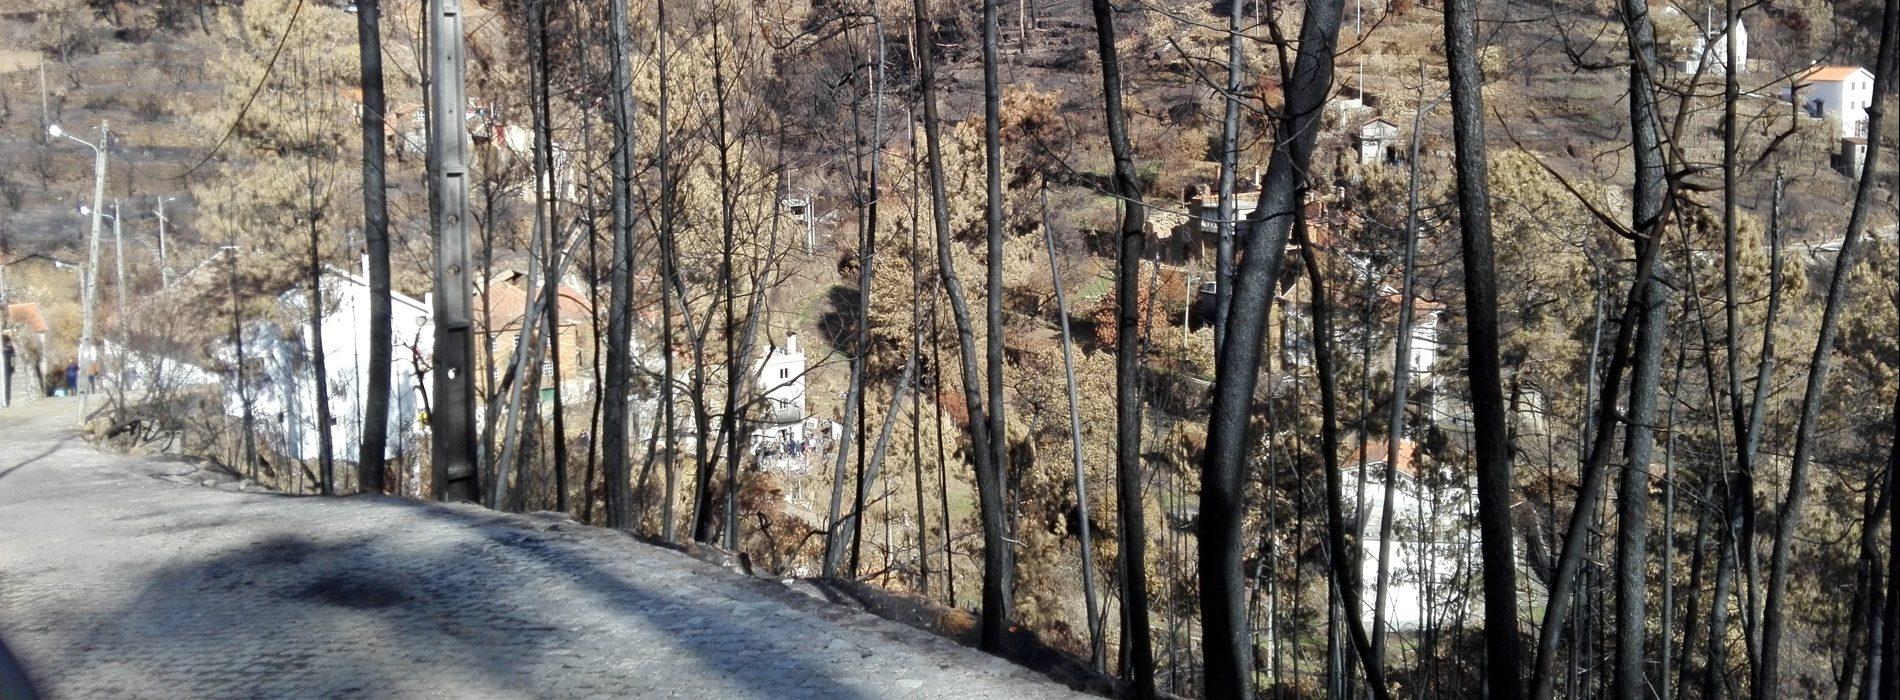 """Presidentes de Junta alertam para """"urgência"""" do corte de árvores ardidas nas bermas de estradas e caminhos"""